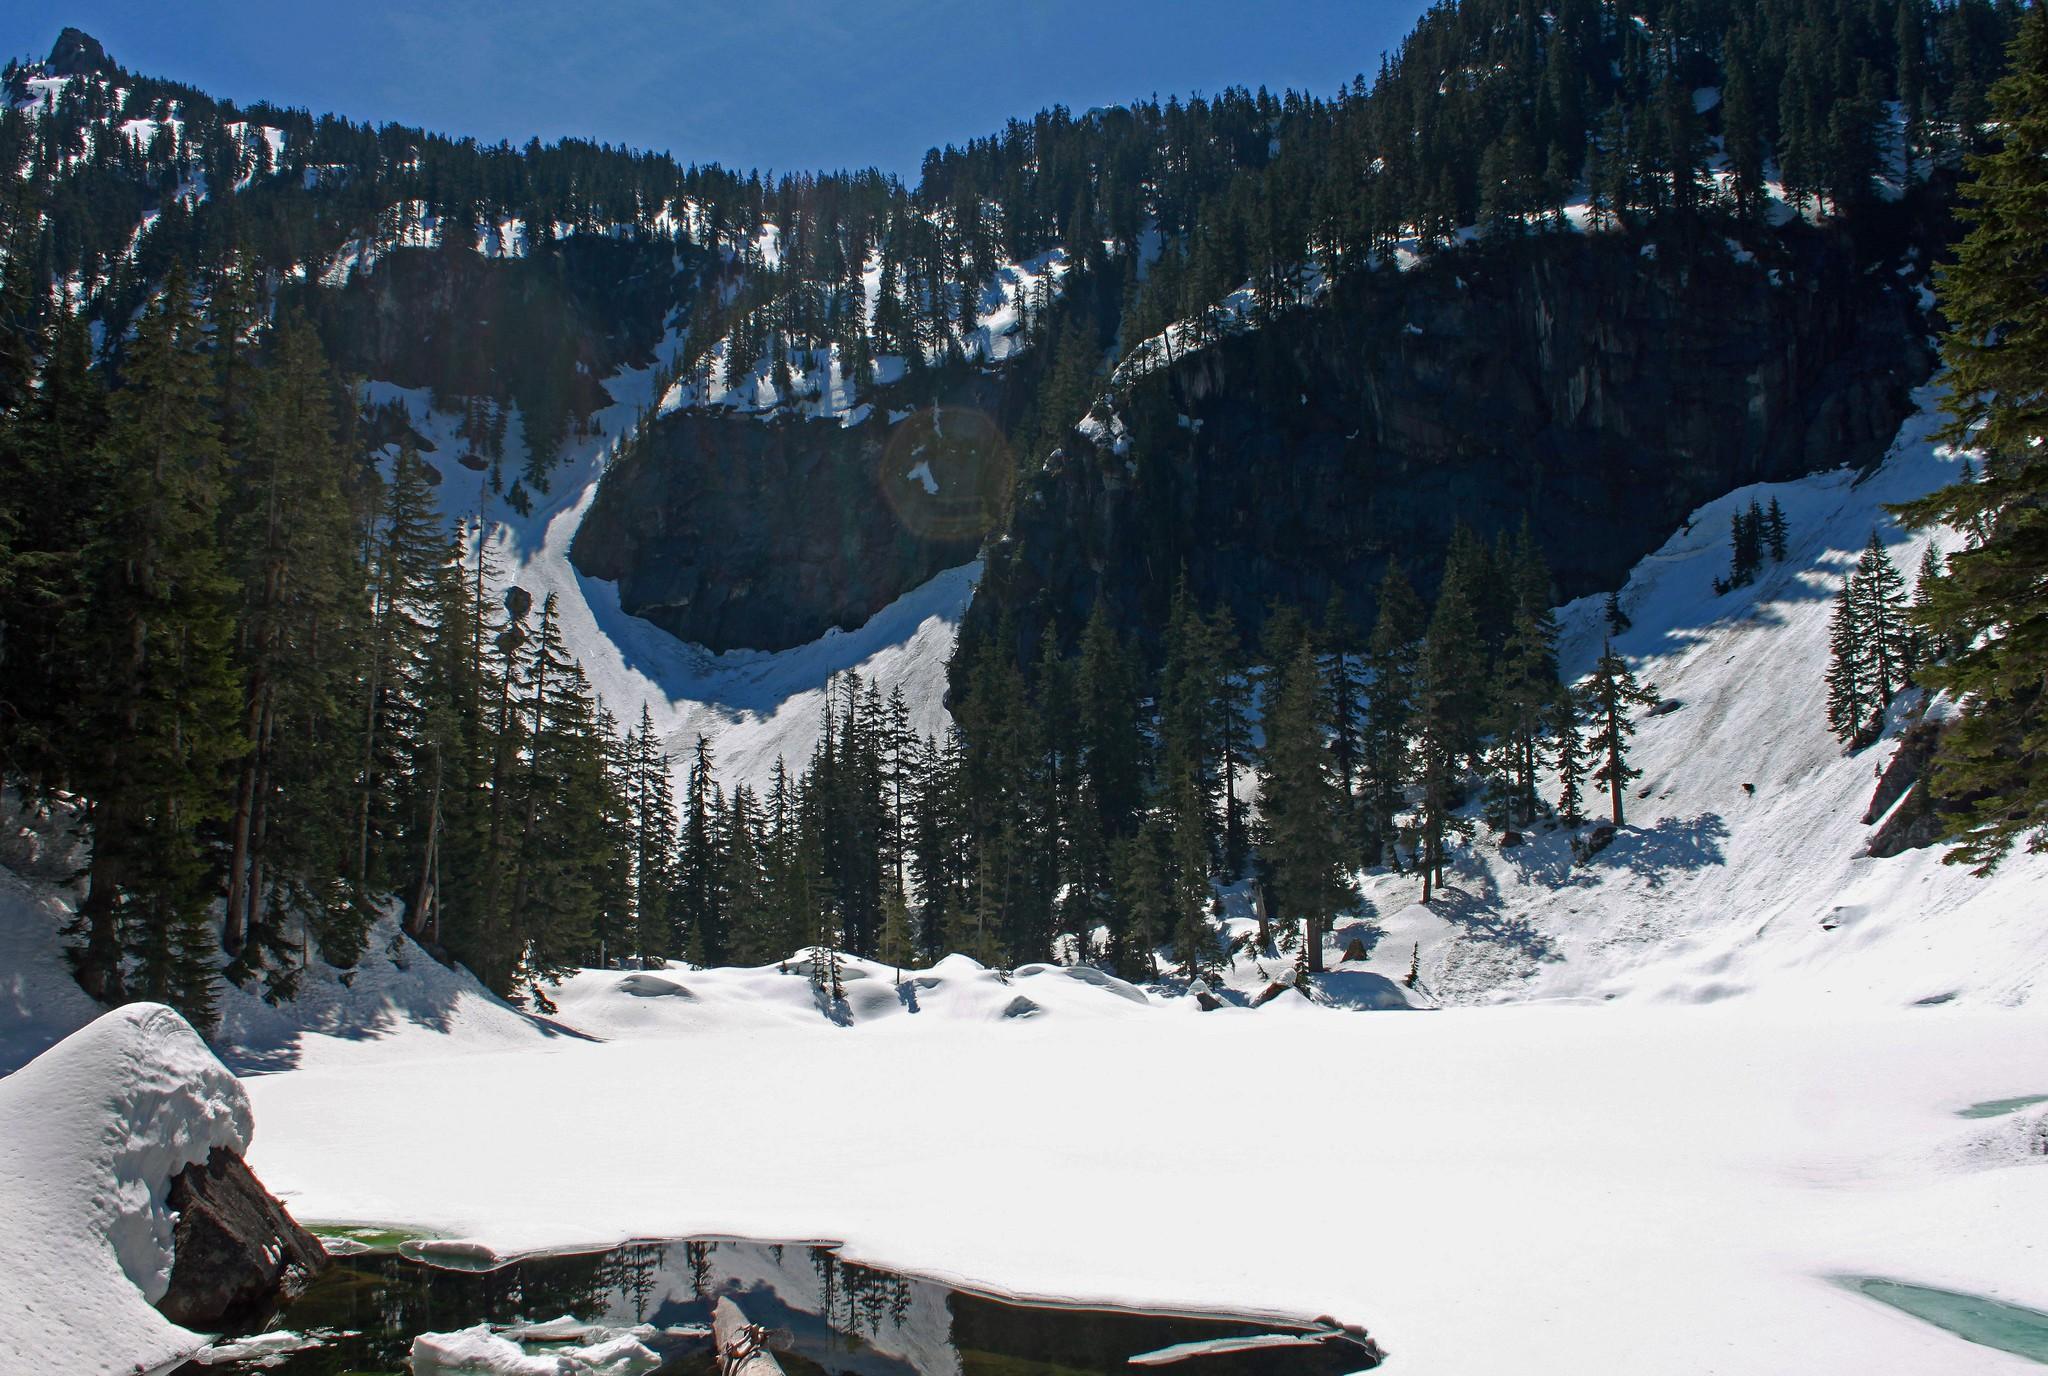 Rainy Lake below Preacher Mountain